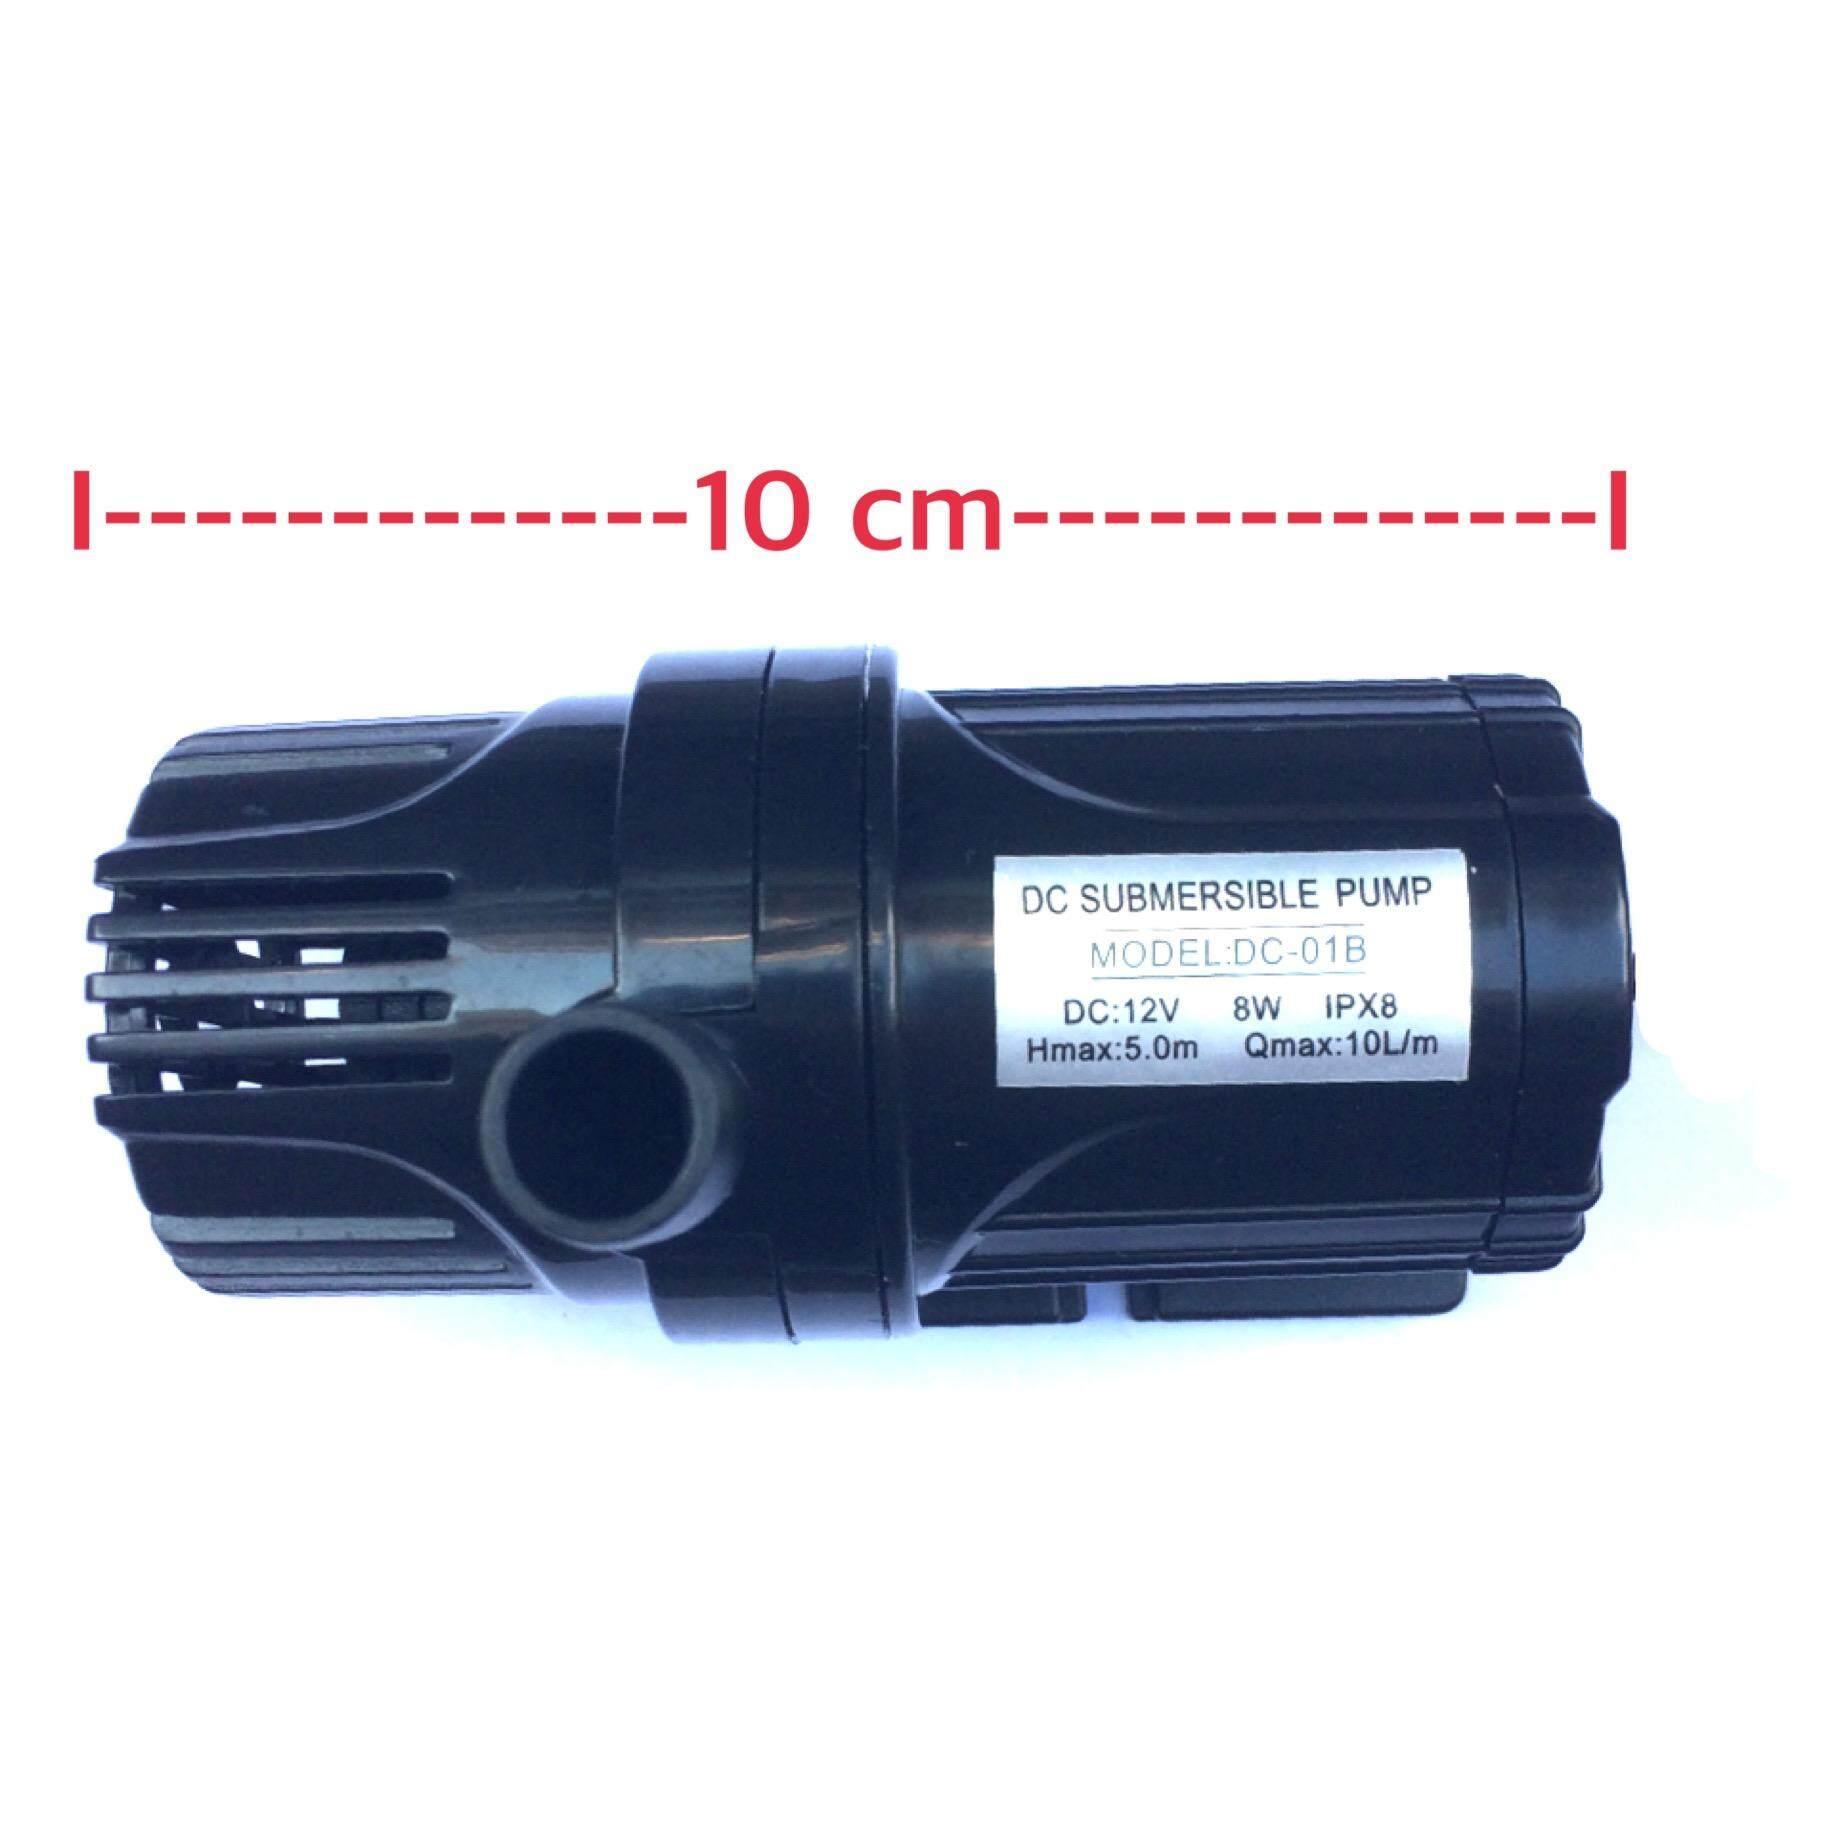 ขาย Expert Group ปั้มน้ำ Dc 12V Submersible Pump มอเตอร์ปั๊มน้ำ น้ำตก น้ำวน หรือสำหรับตู้ปลาขนาดเล็ก คุณภาพดี รุ่น Dc 01B